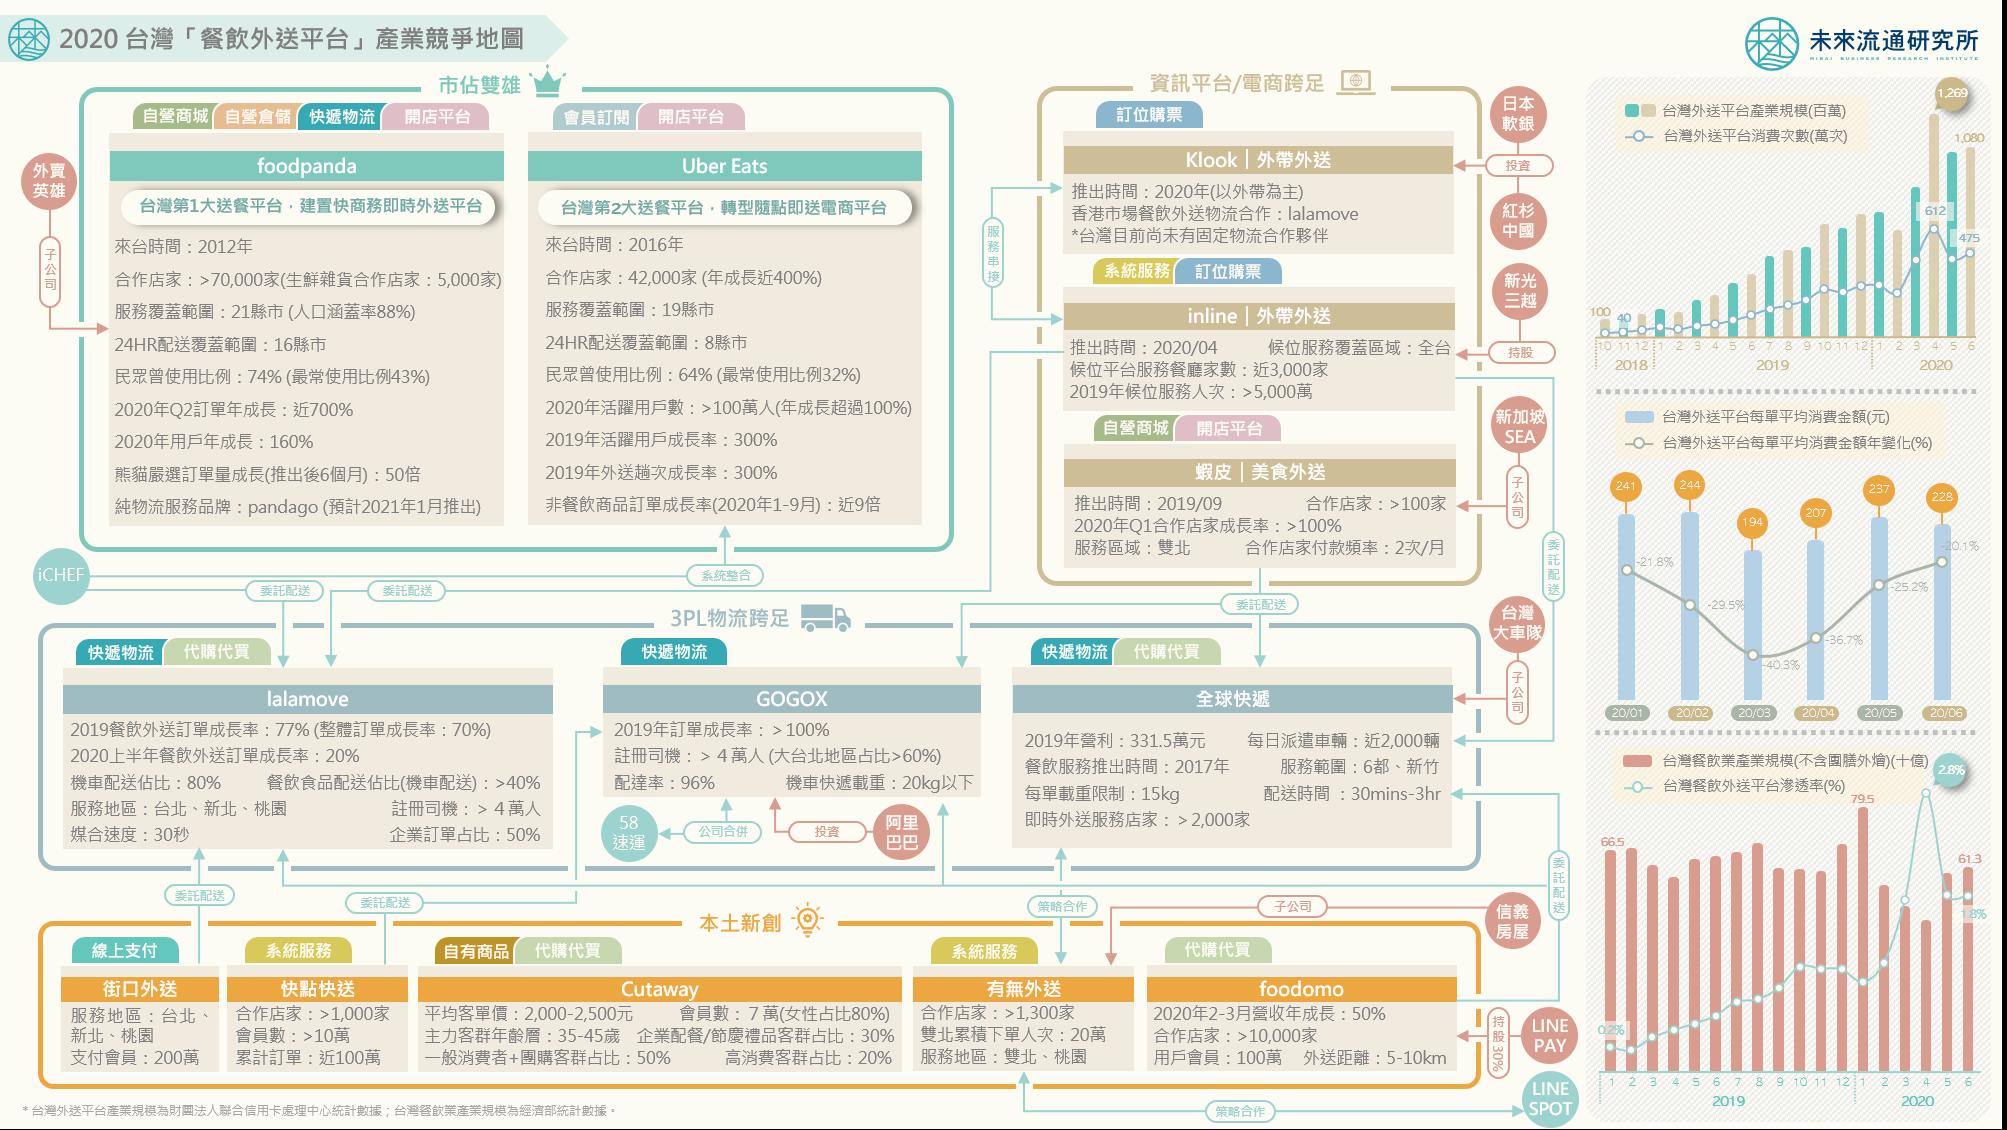 2020【產業地圖圖解】一張圖看懂2020台灣外送平台產業版圖